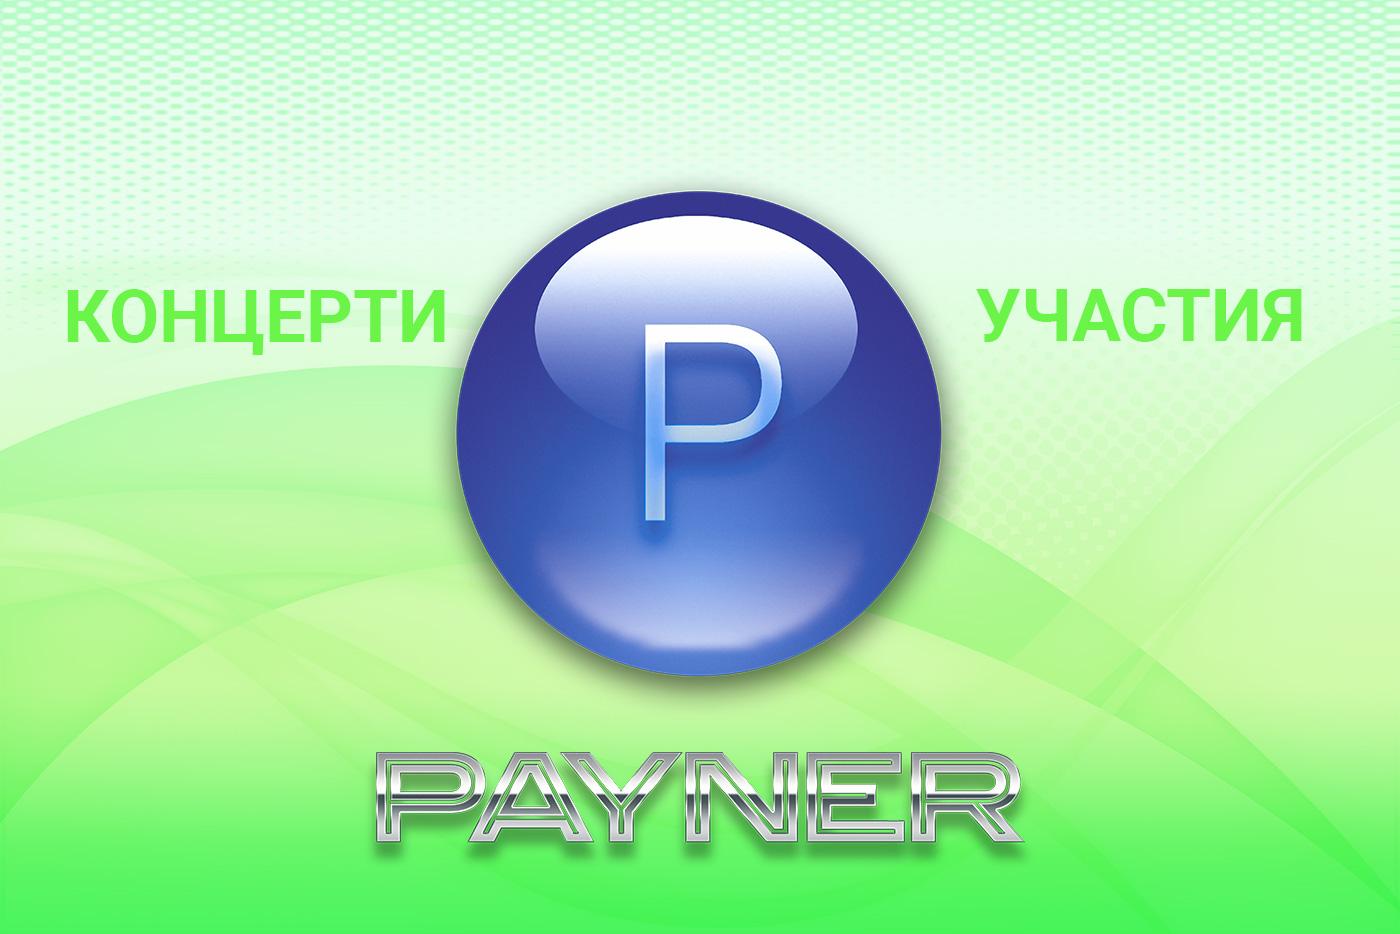 """Участия на звездите на """"Пайнер"""" на 21.03.2019"""